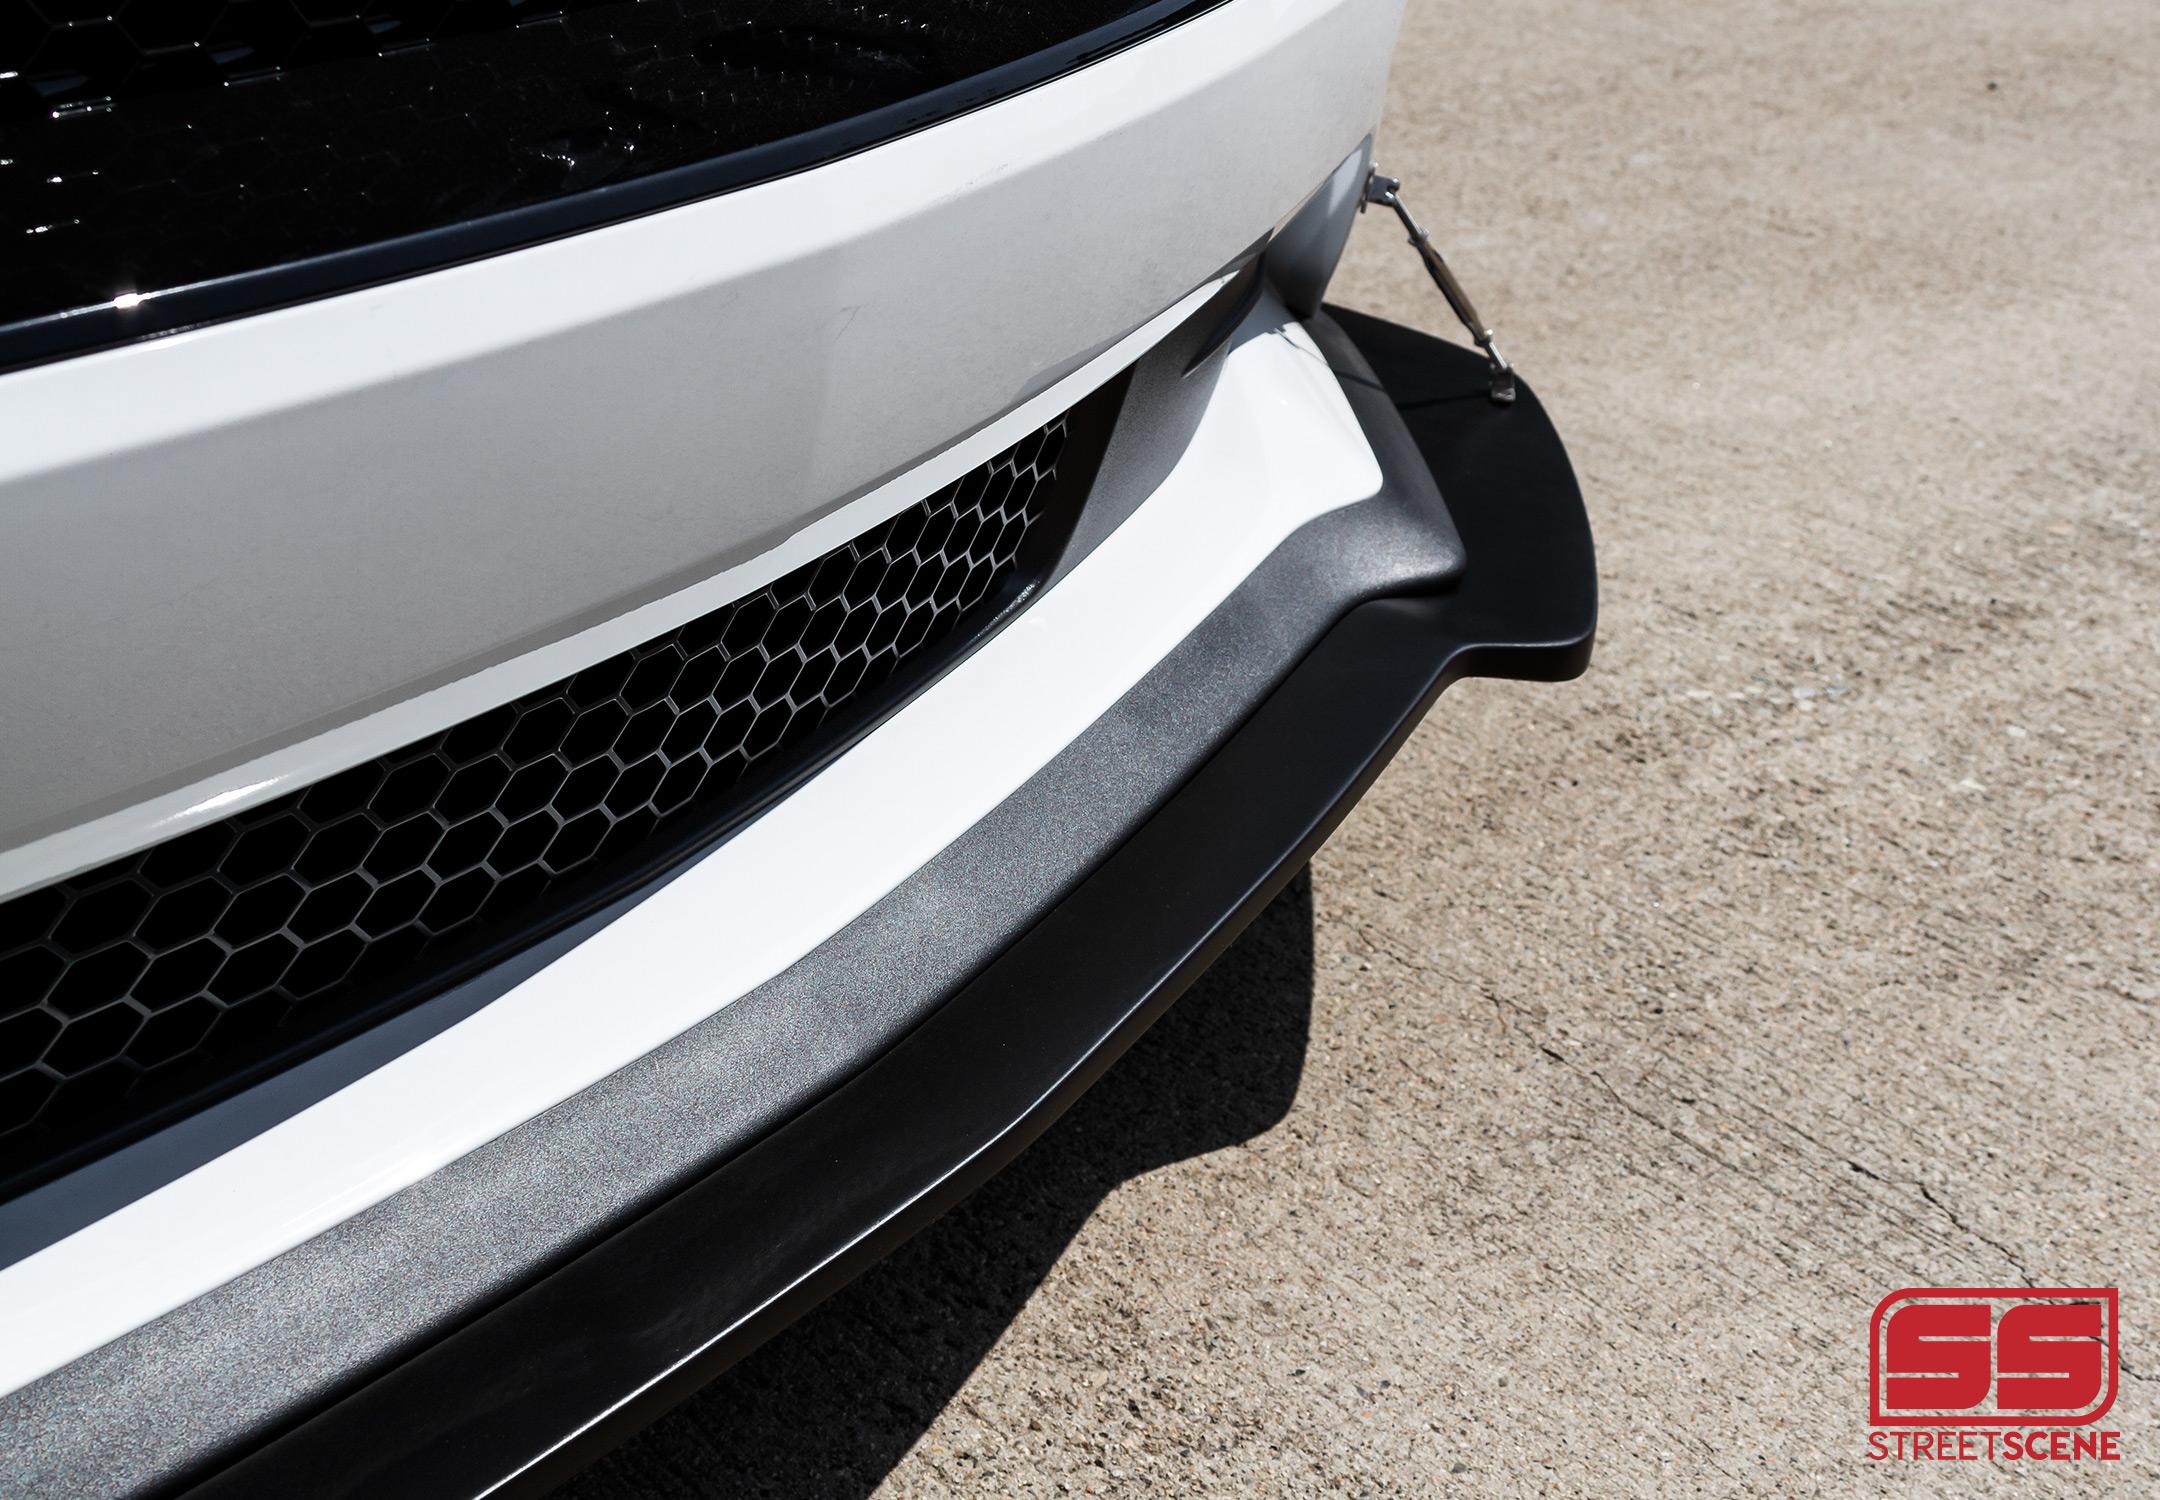 2018-2019 Ford Mustang GT Front Splitter from Street Scene